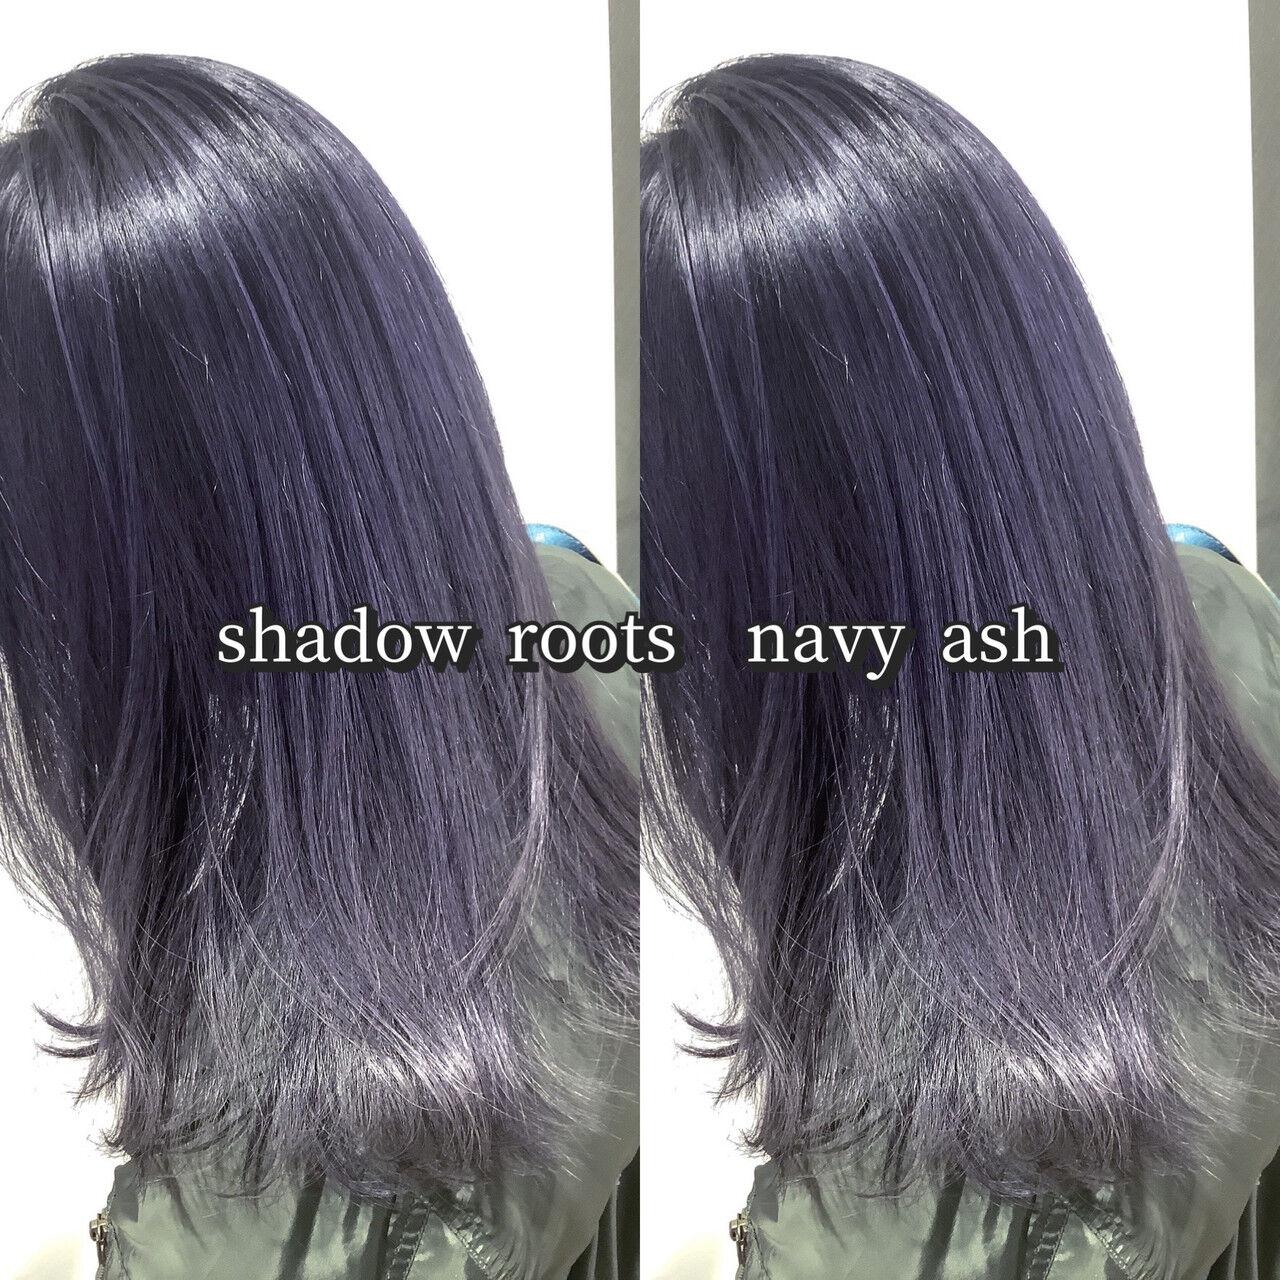 ネイビーアッシュ グレーアッシュ アッシュグレー ネイビーカラーヘアスタイルや髪型の写真・画像